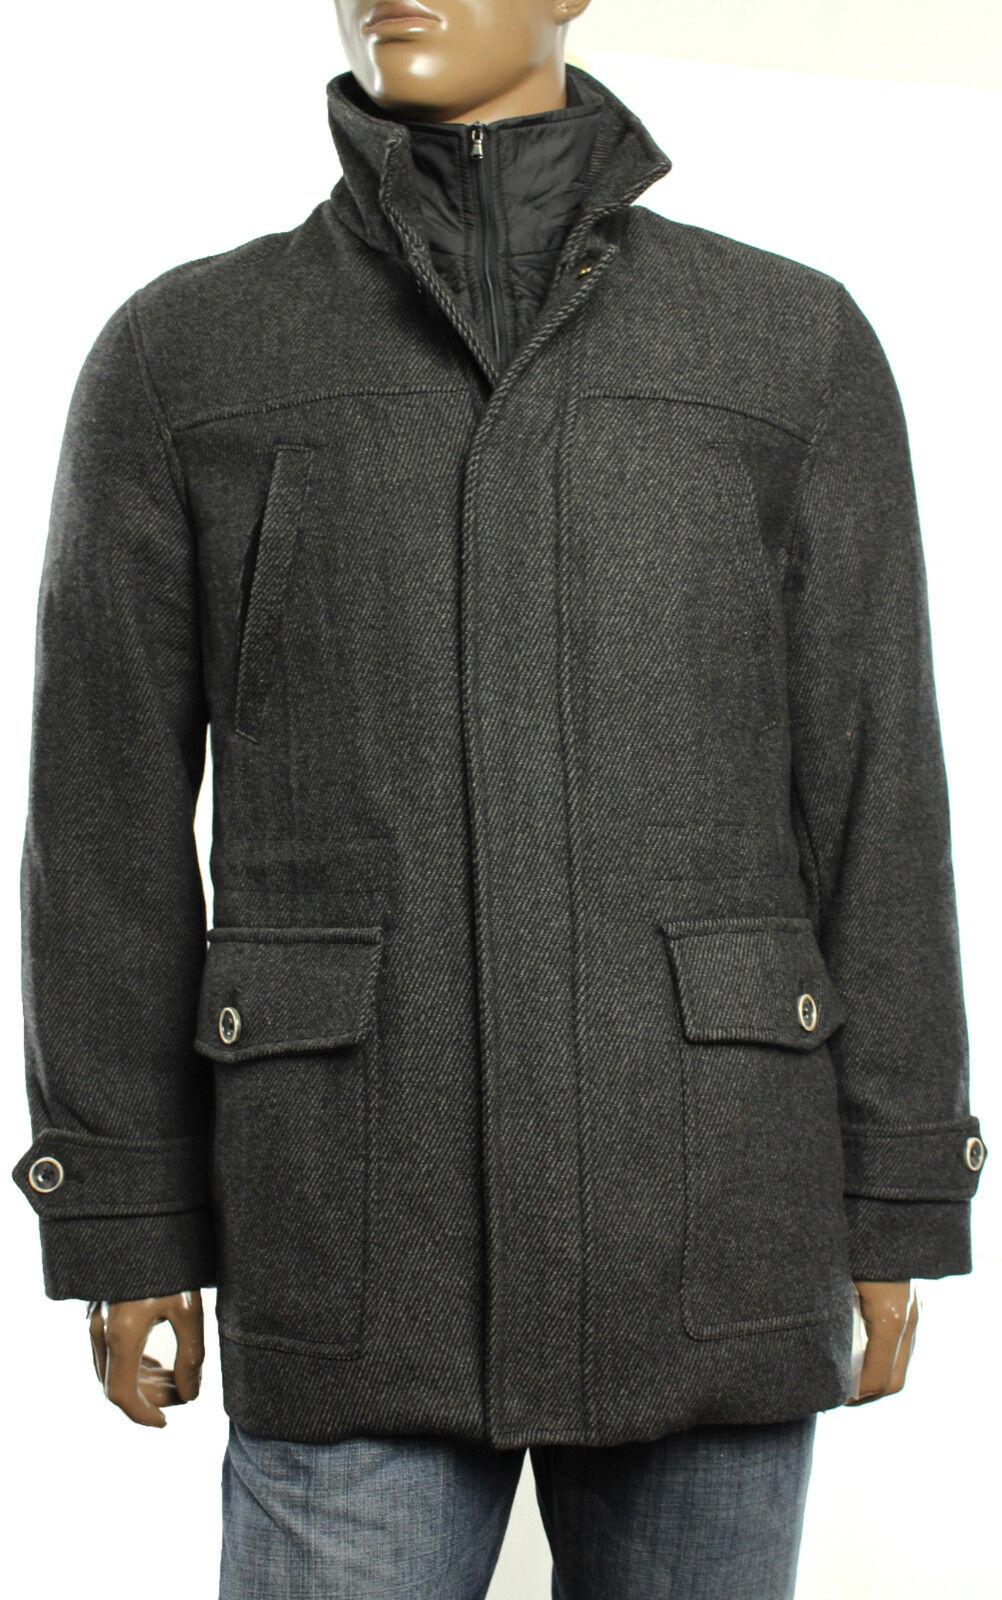 New Mens Tasso Elba Wool Blend Car Coat w  Bib Trim L